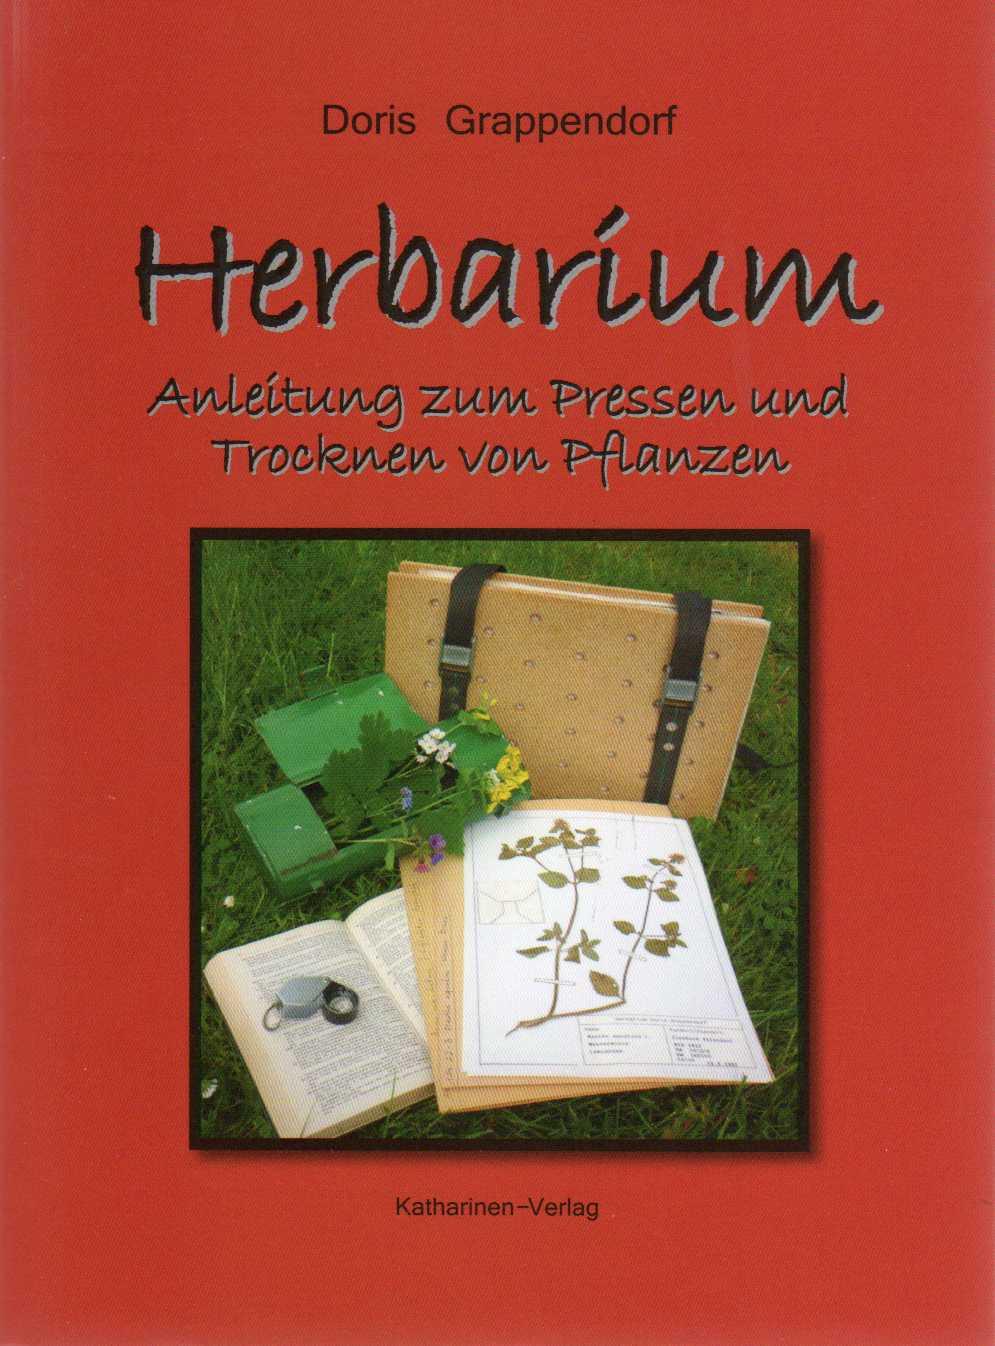 Pflanzen Trocknen herbarium anleitung zum pressen und trocknen pflanzen bücher